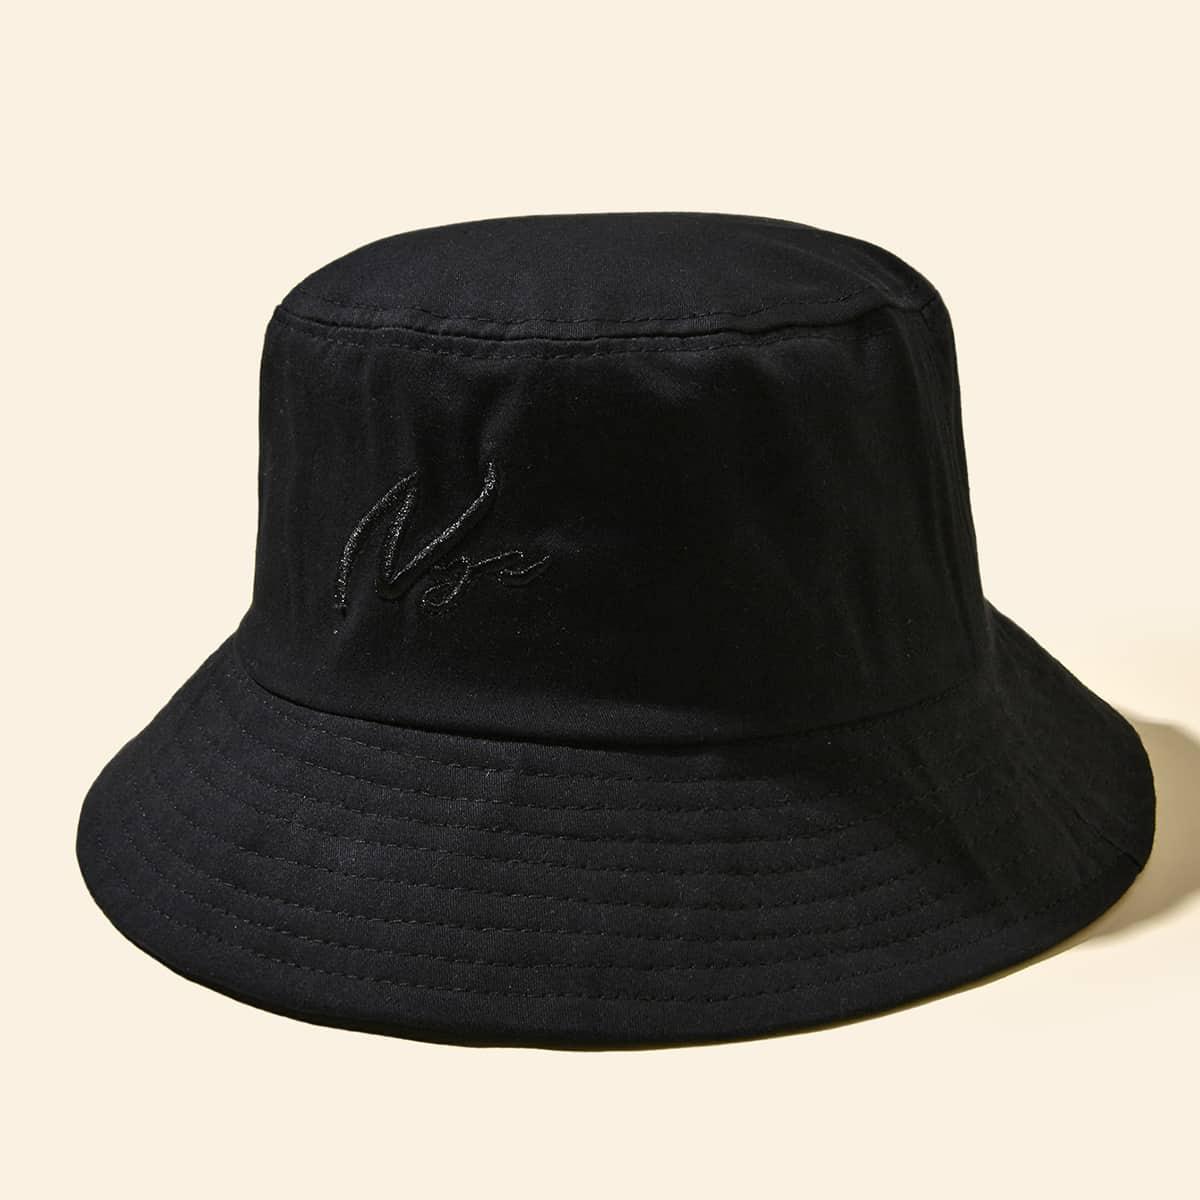 Шляпа с текстовой вышивкой